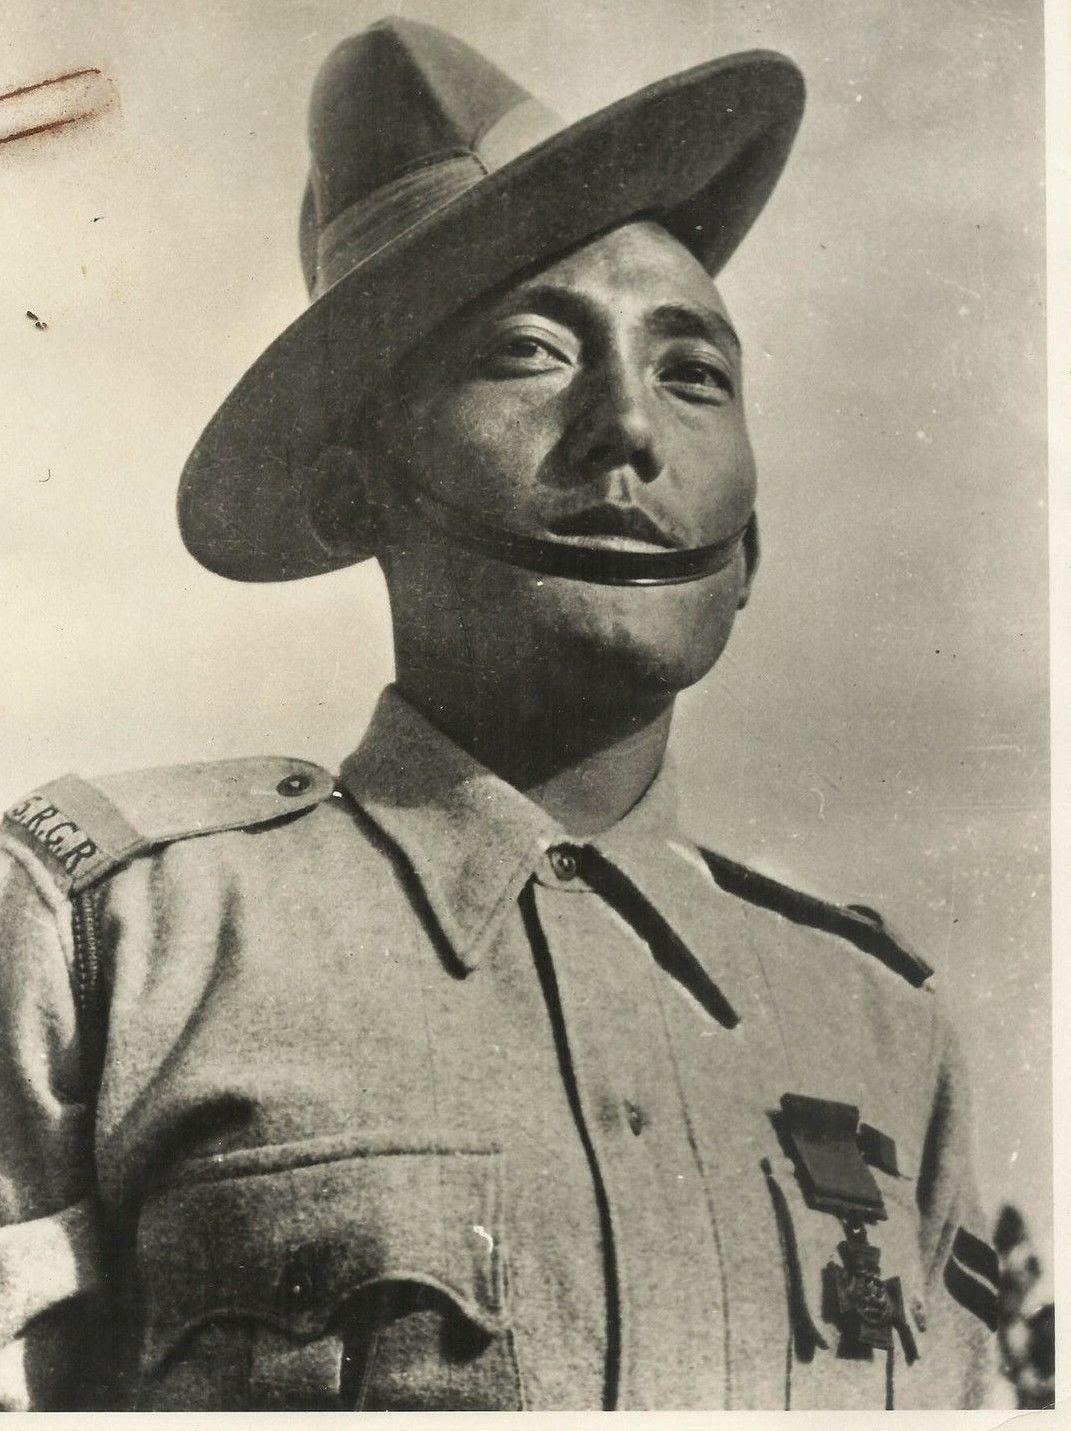 Portrait of an Indian Soldier, Press Information Bureau Photograph